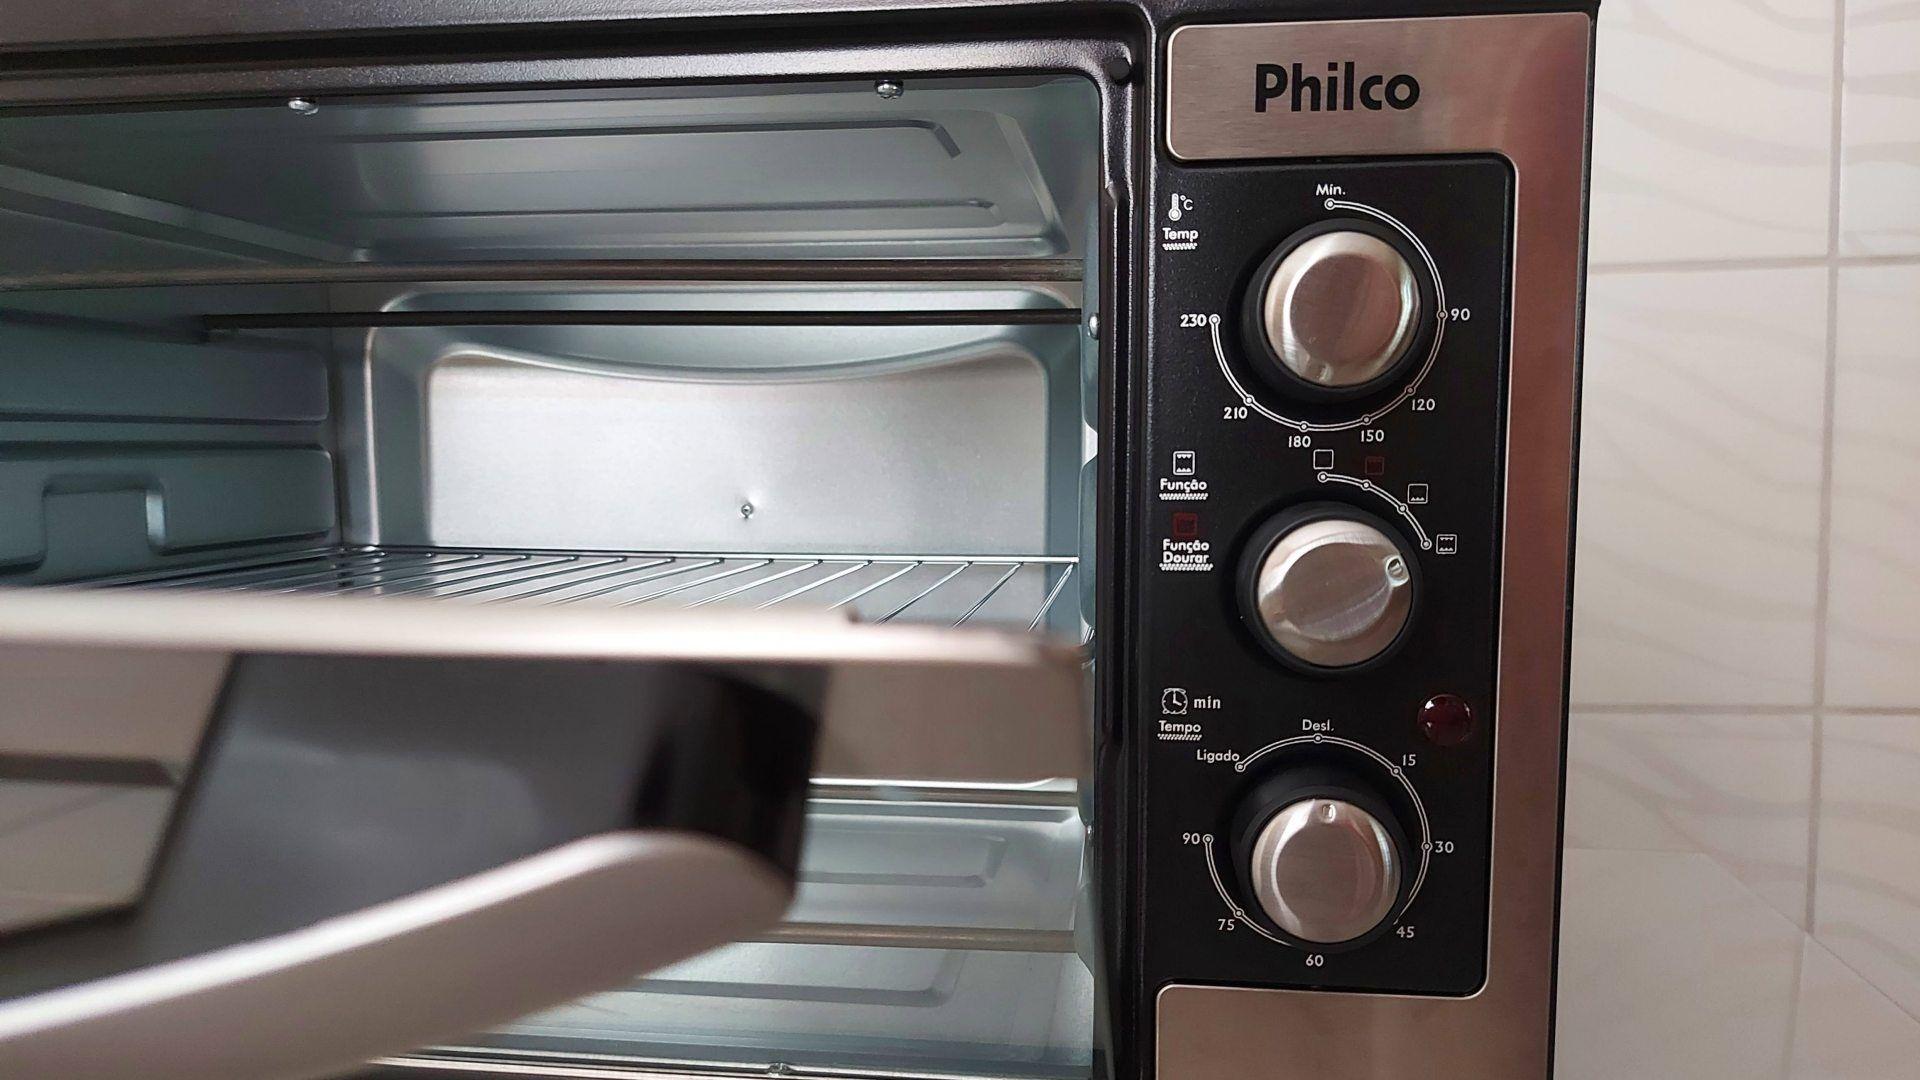 Os botões seletores desse forno elétrico Philco são bem fáceis de visualizar e manusear (Foto: Ariel Cristina Borges)